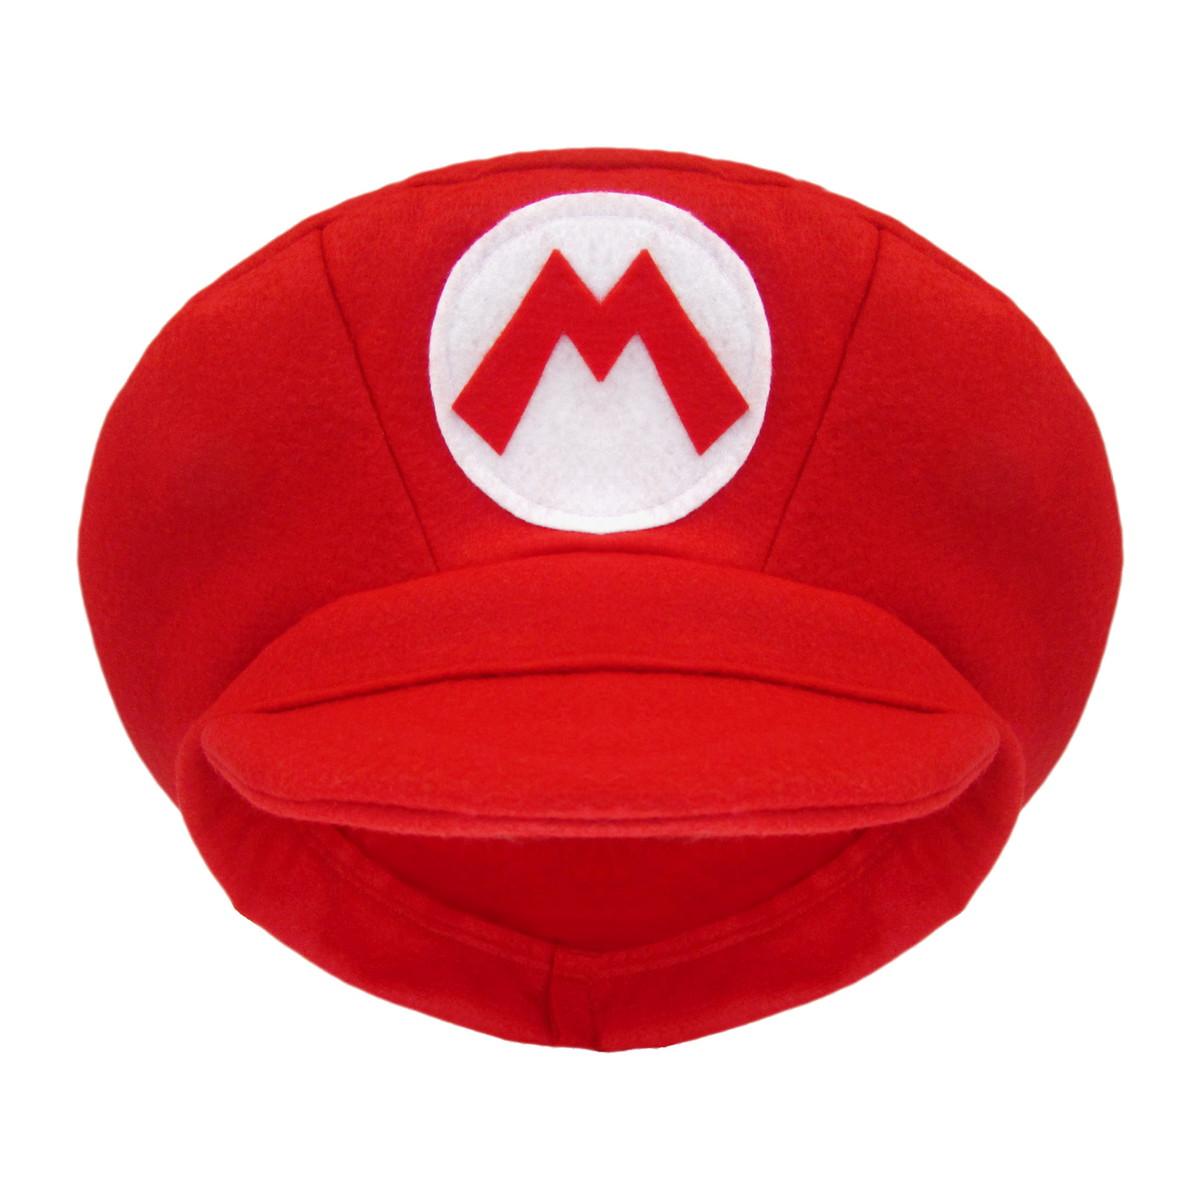 db38293d6e677 Boina   Chapéu   Boné Super Mario Bros Ou Luigi Em Feltro no Elo7 ...